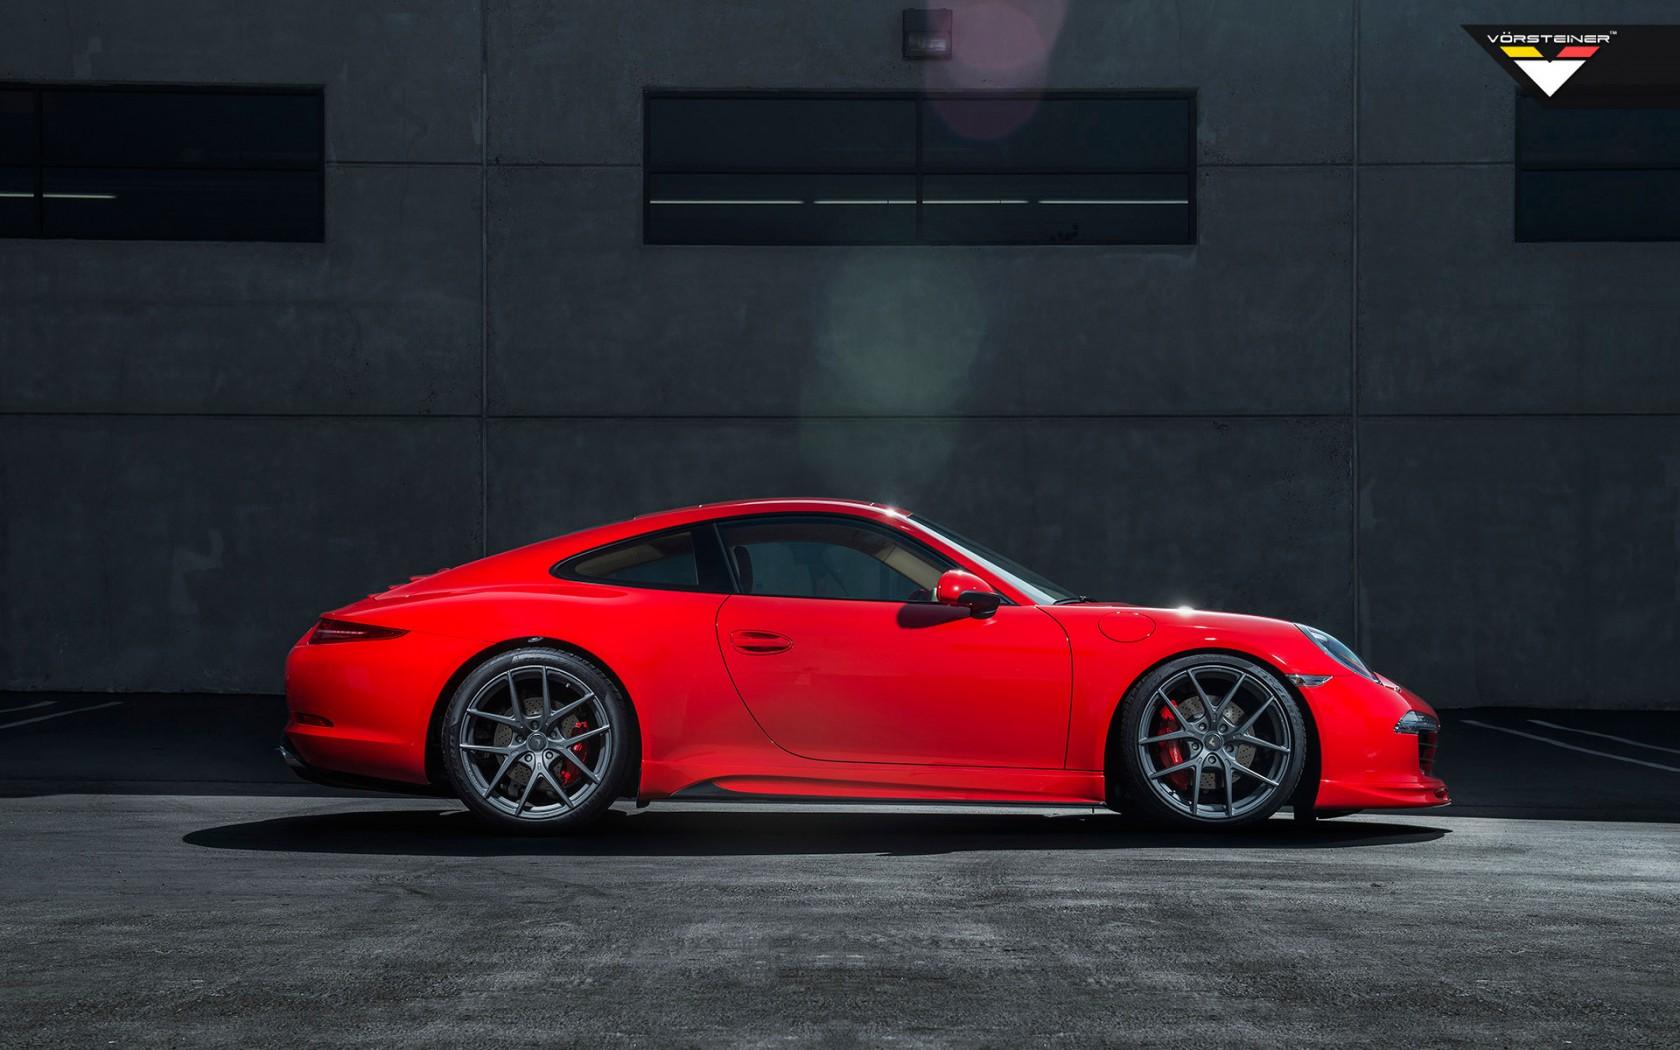 Porsche 991 carrera s v gt edition by vorsteiner wallpaper - Porsche 911 carrera s wallpaper ...